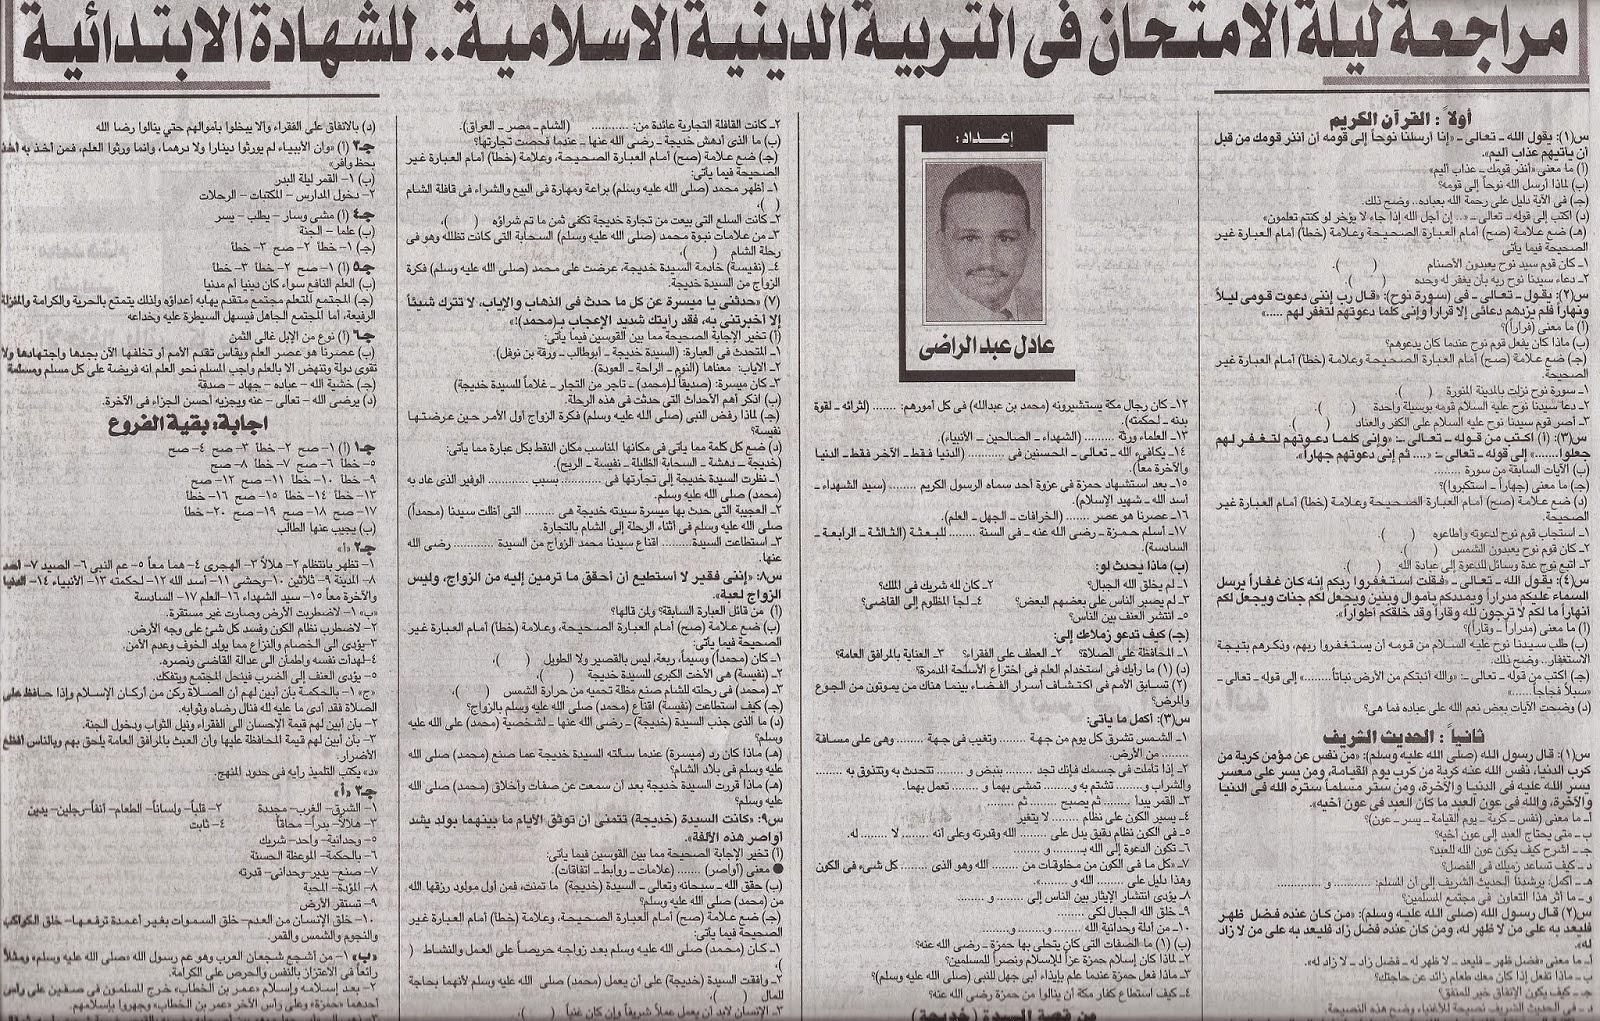 كل مراجعات ملاحق الجمهورية للترم الأول 2015 للشهادة الإبتدائية المنهاج المصري scan0120.jpg